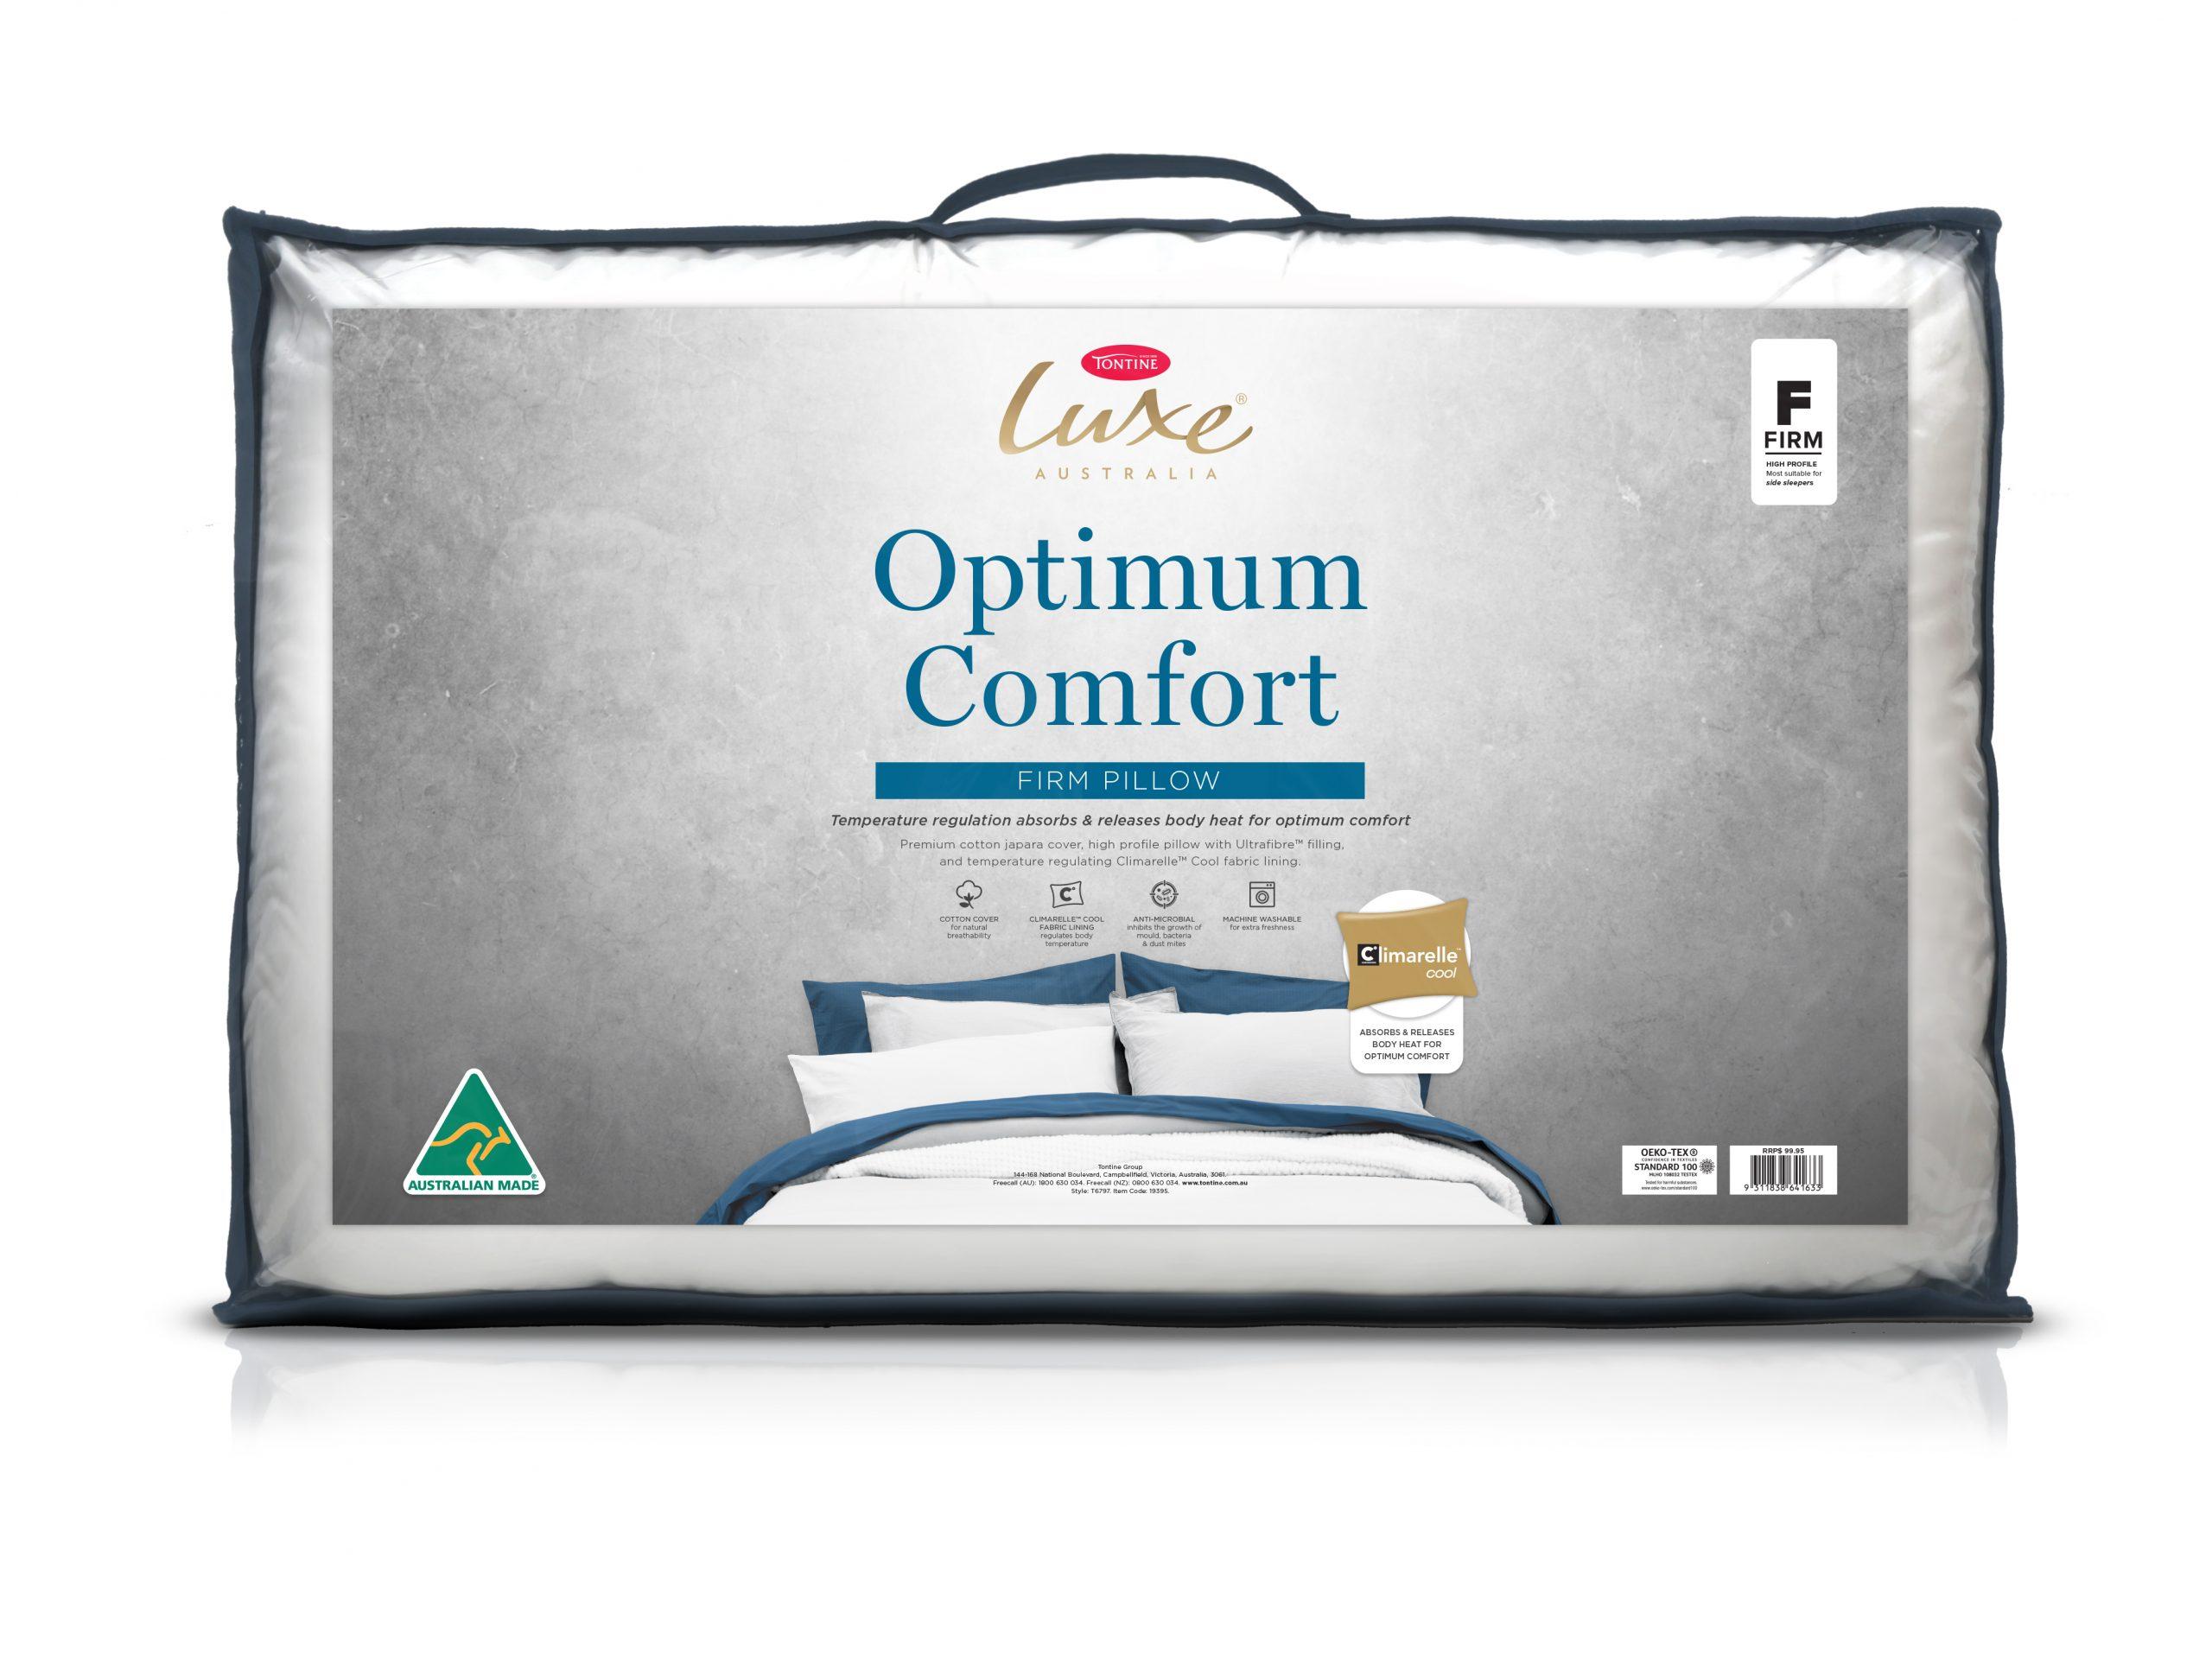 Tontine Luxe Optimum Comfort Temperature Control Firm Pillow